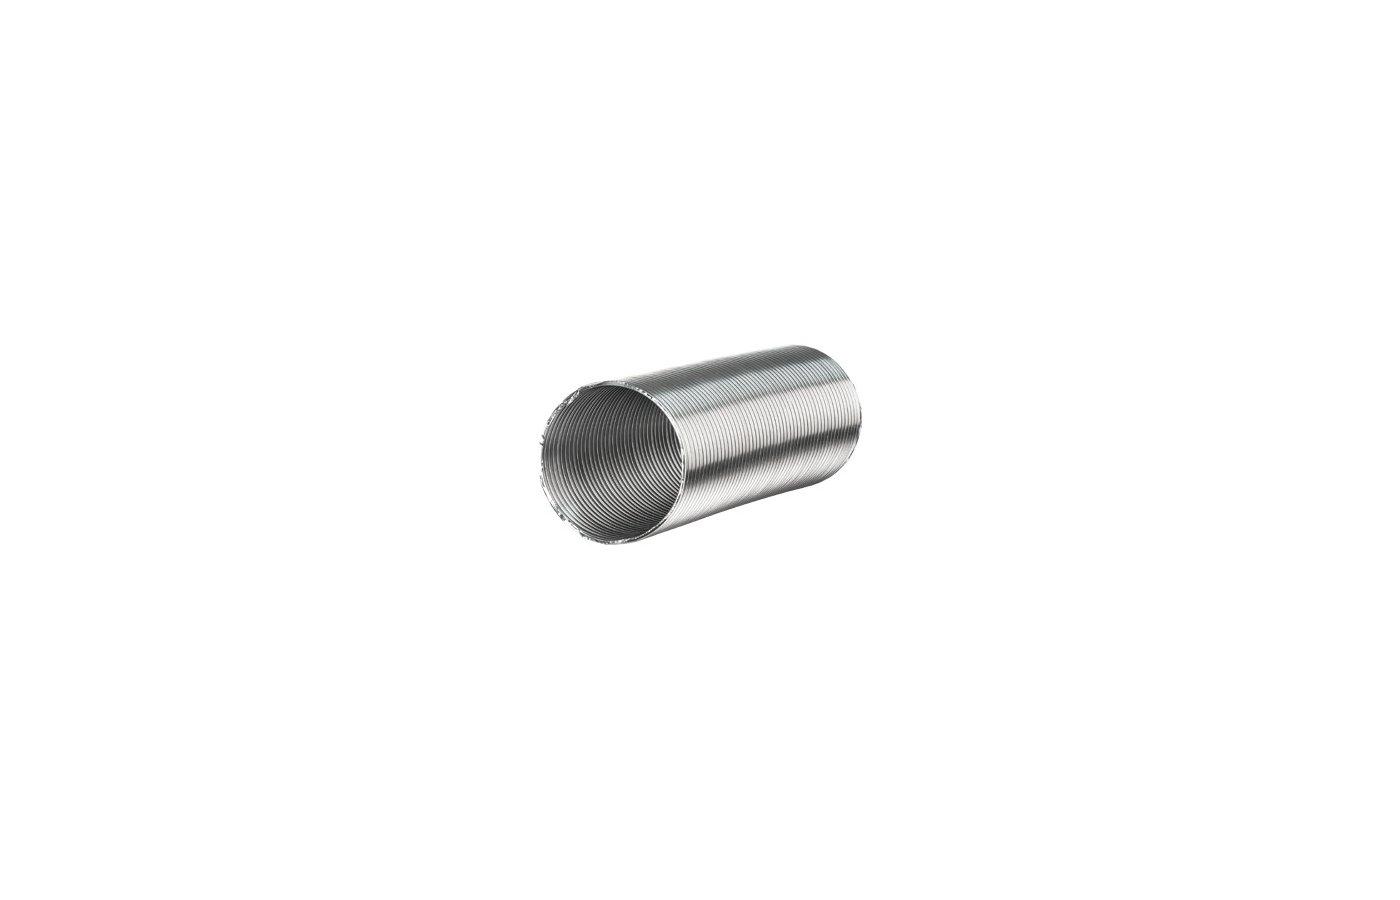 Аксессуар для в/о Воздуховод Алювент алюминиевый D150 мм (1,5м)